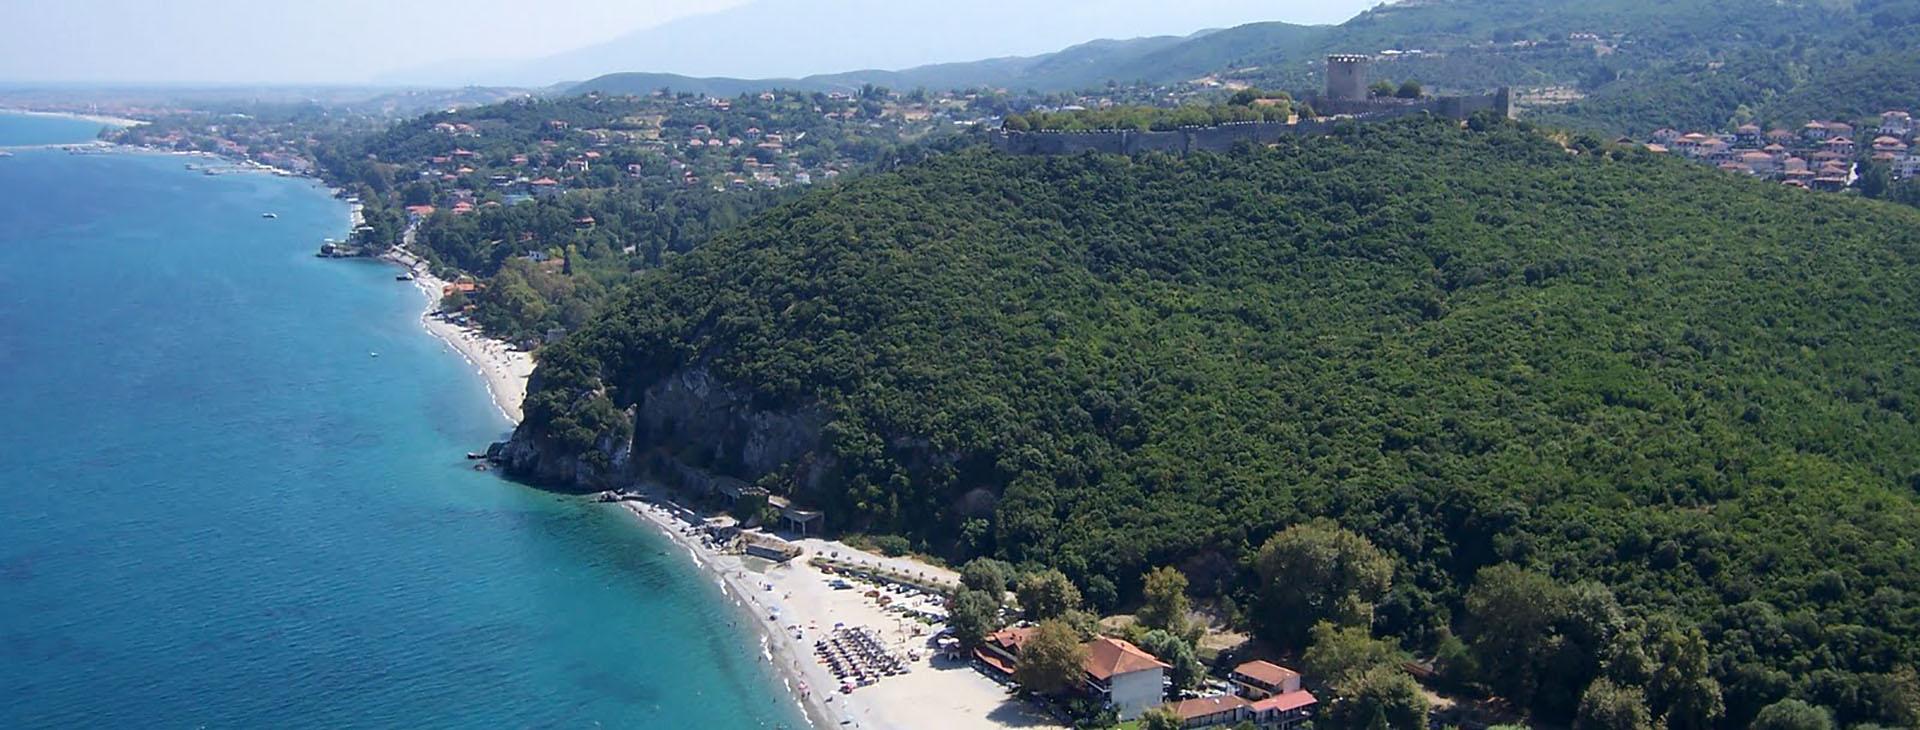 Neos Pantelaeimonas beach and the castle of Platamonas, Pieria